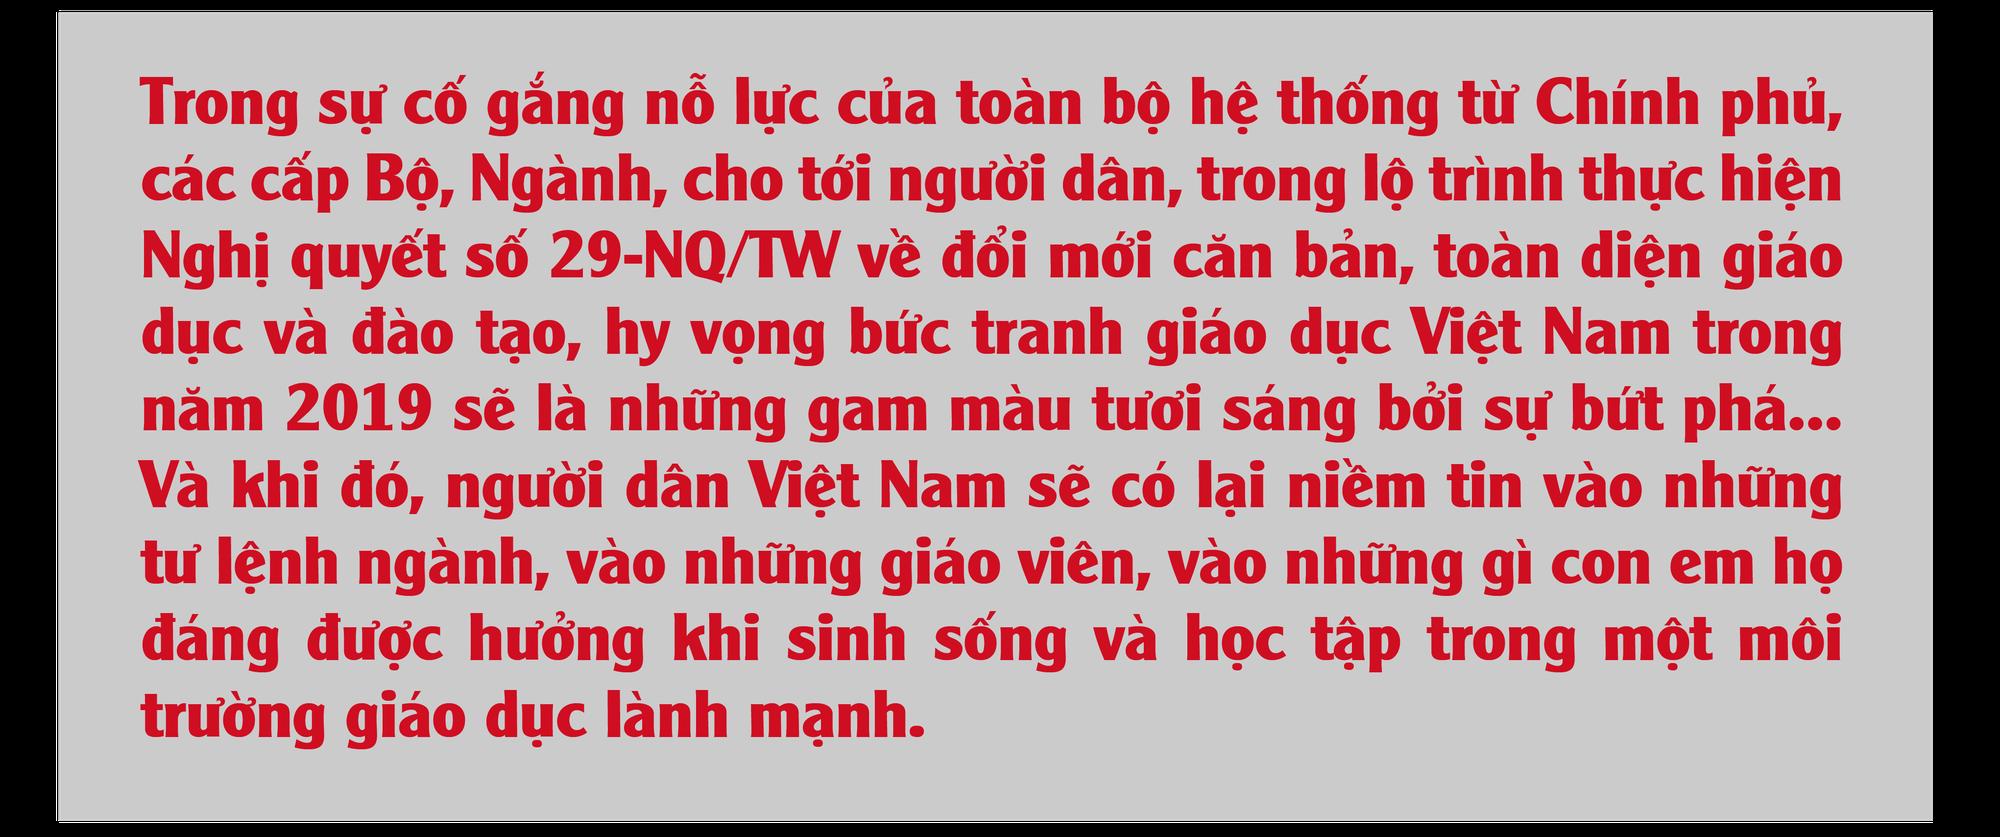 [eMagazine] Kỳ tích giáo dục Việt Nam có lặp lại trong năm mới? - Ảnh 6.